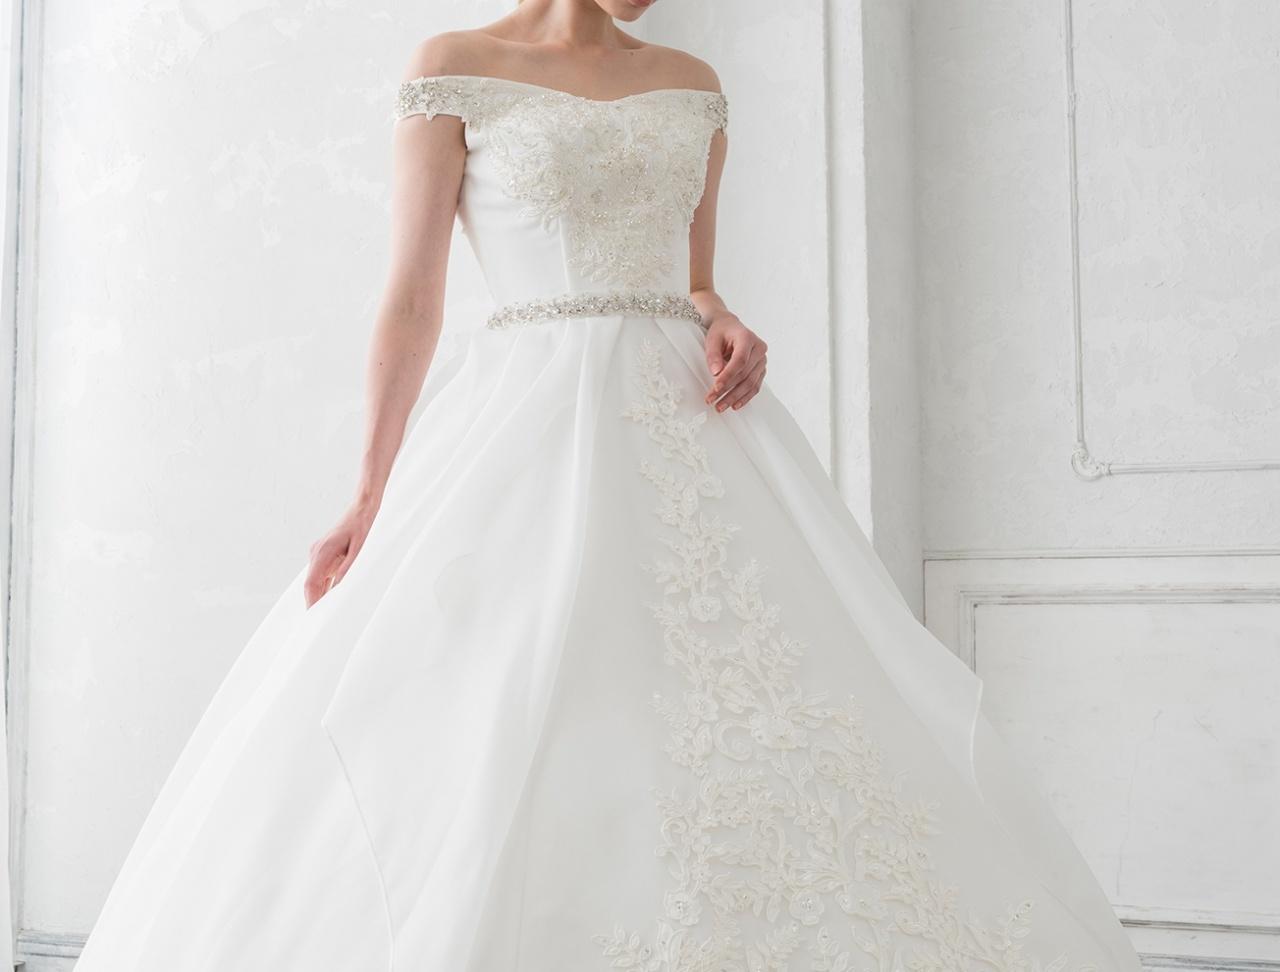 NEW♡チャペルで着たい!ビジューとオフショルダーが上品な正統派ウェディングドレス